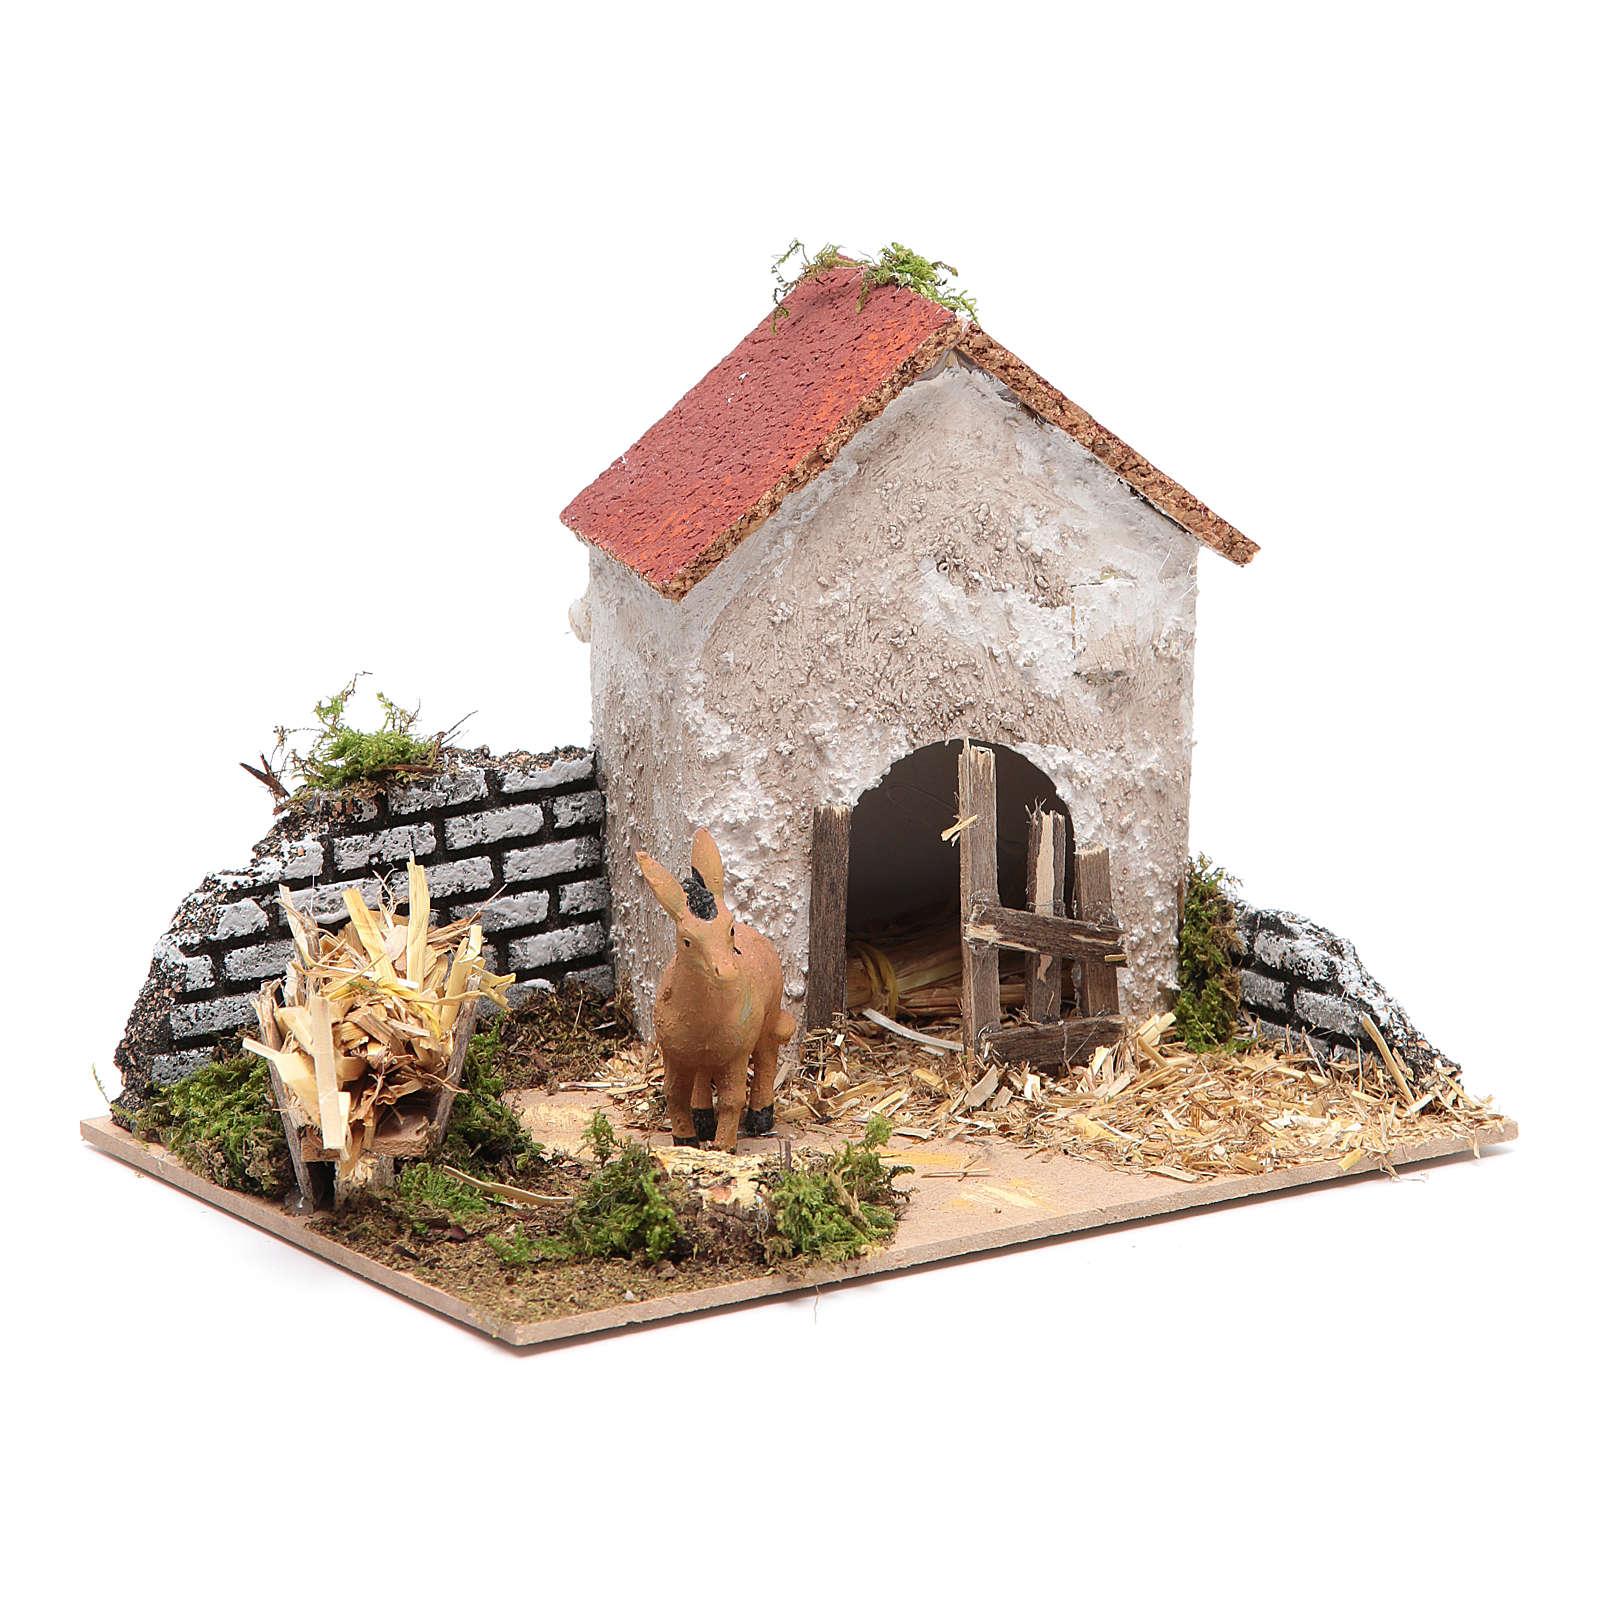 Crib setting with donkey 3